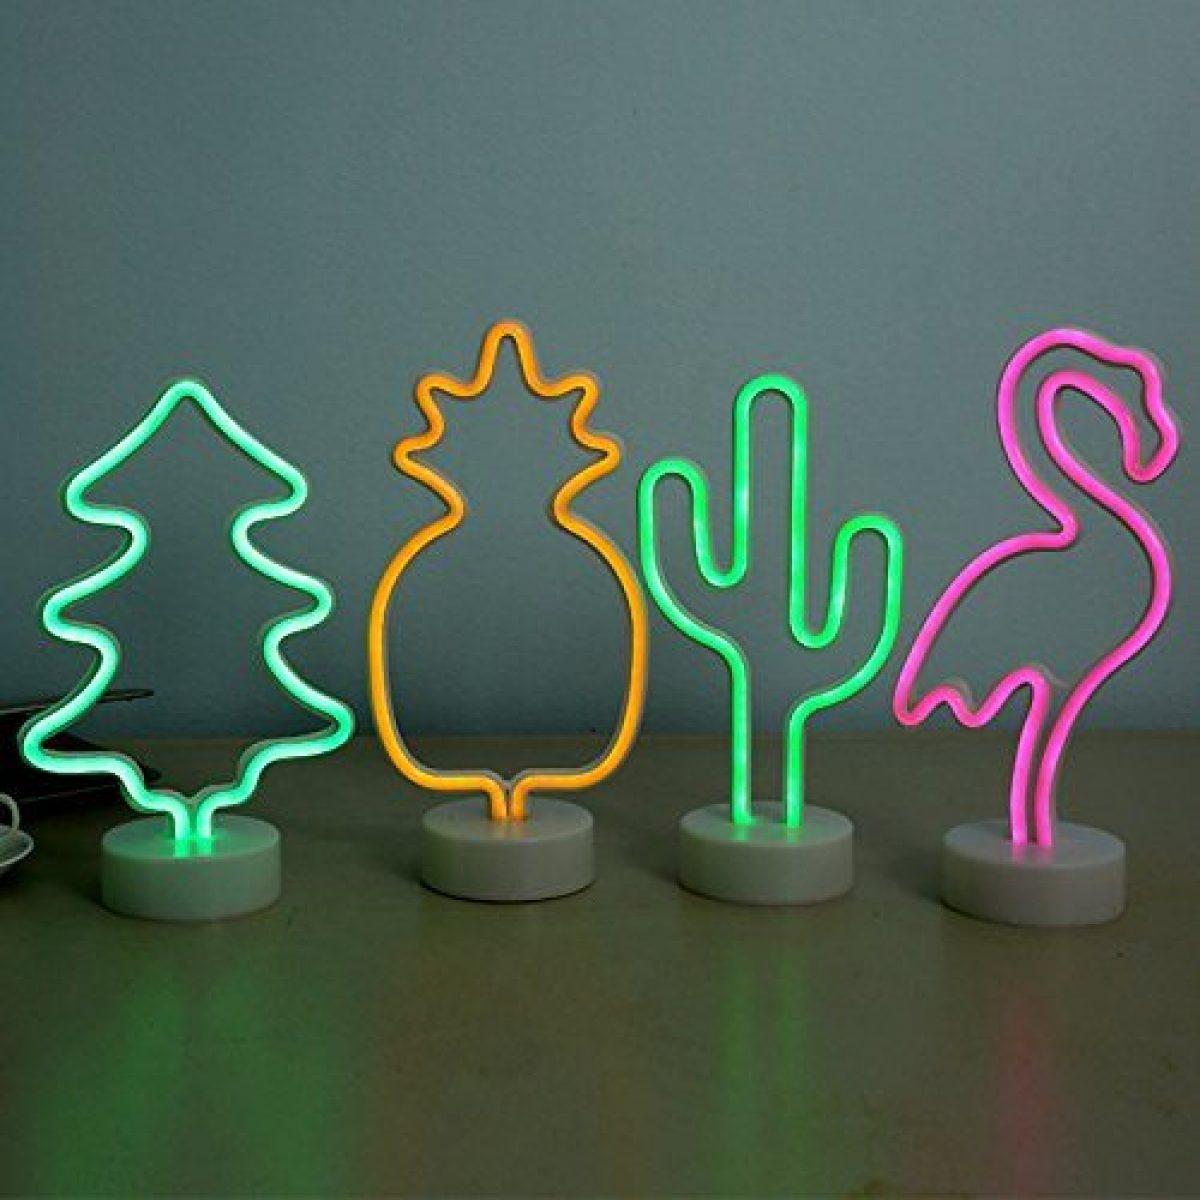 Regali Di Natale Sotto 10 Euro.Regali Di Natale Originali Ed Economici Sotto I 10 Euro 20 Idee Per